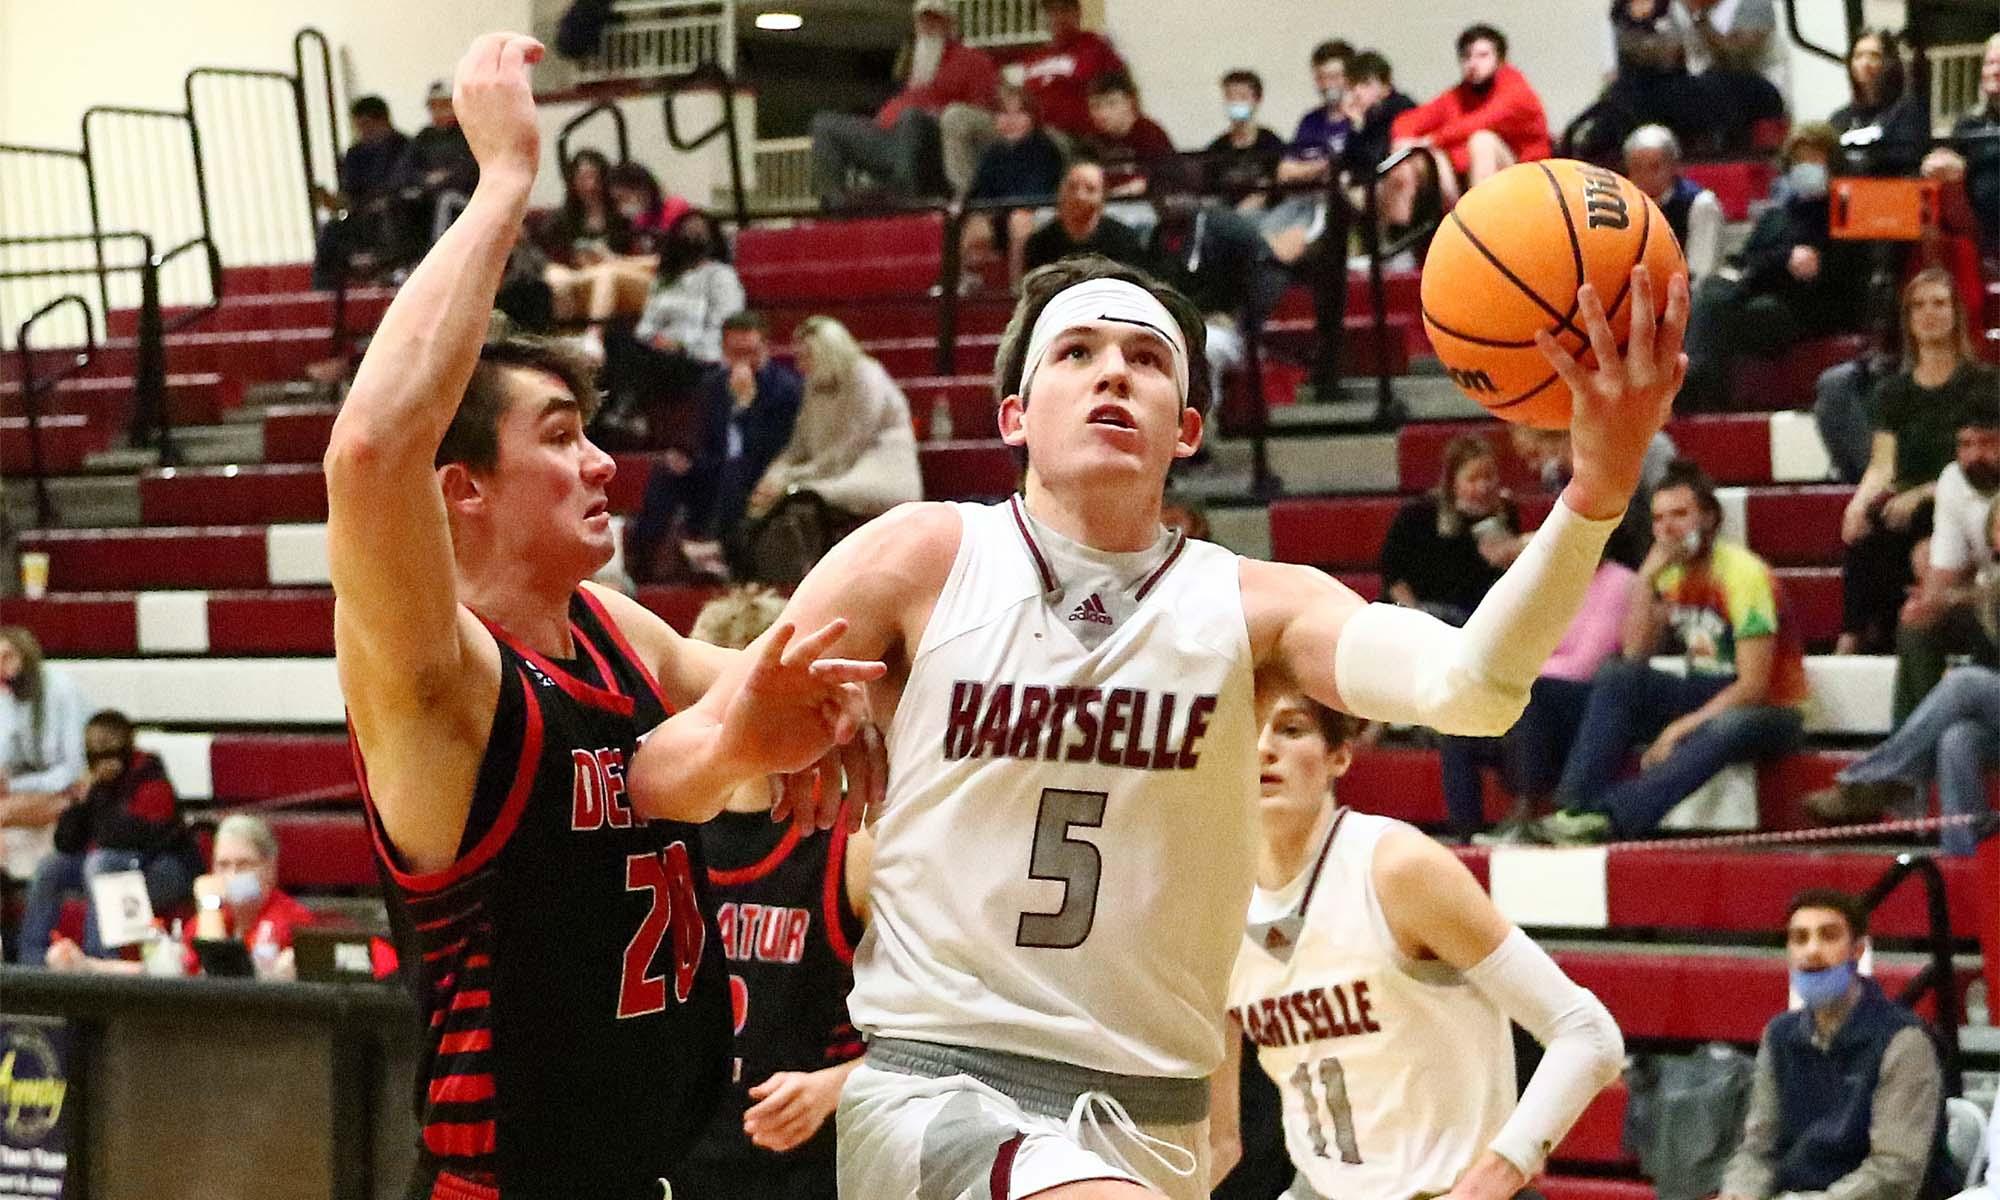 Hartselle races past Decatur 70-49 in area tournament